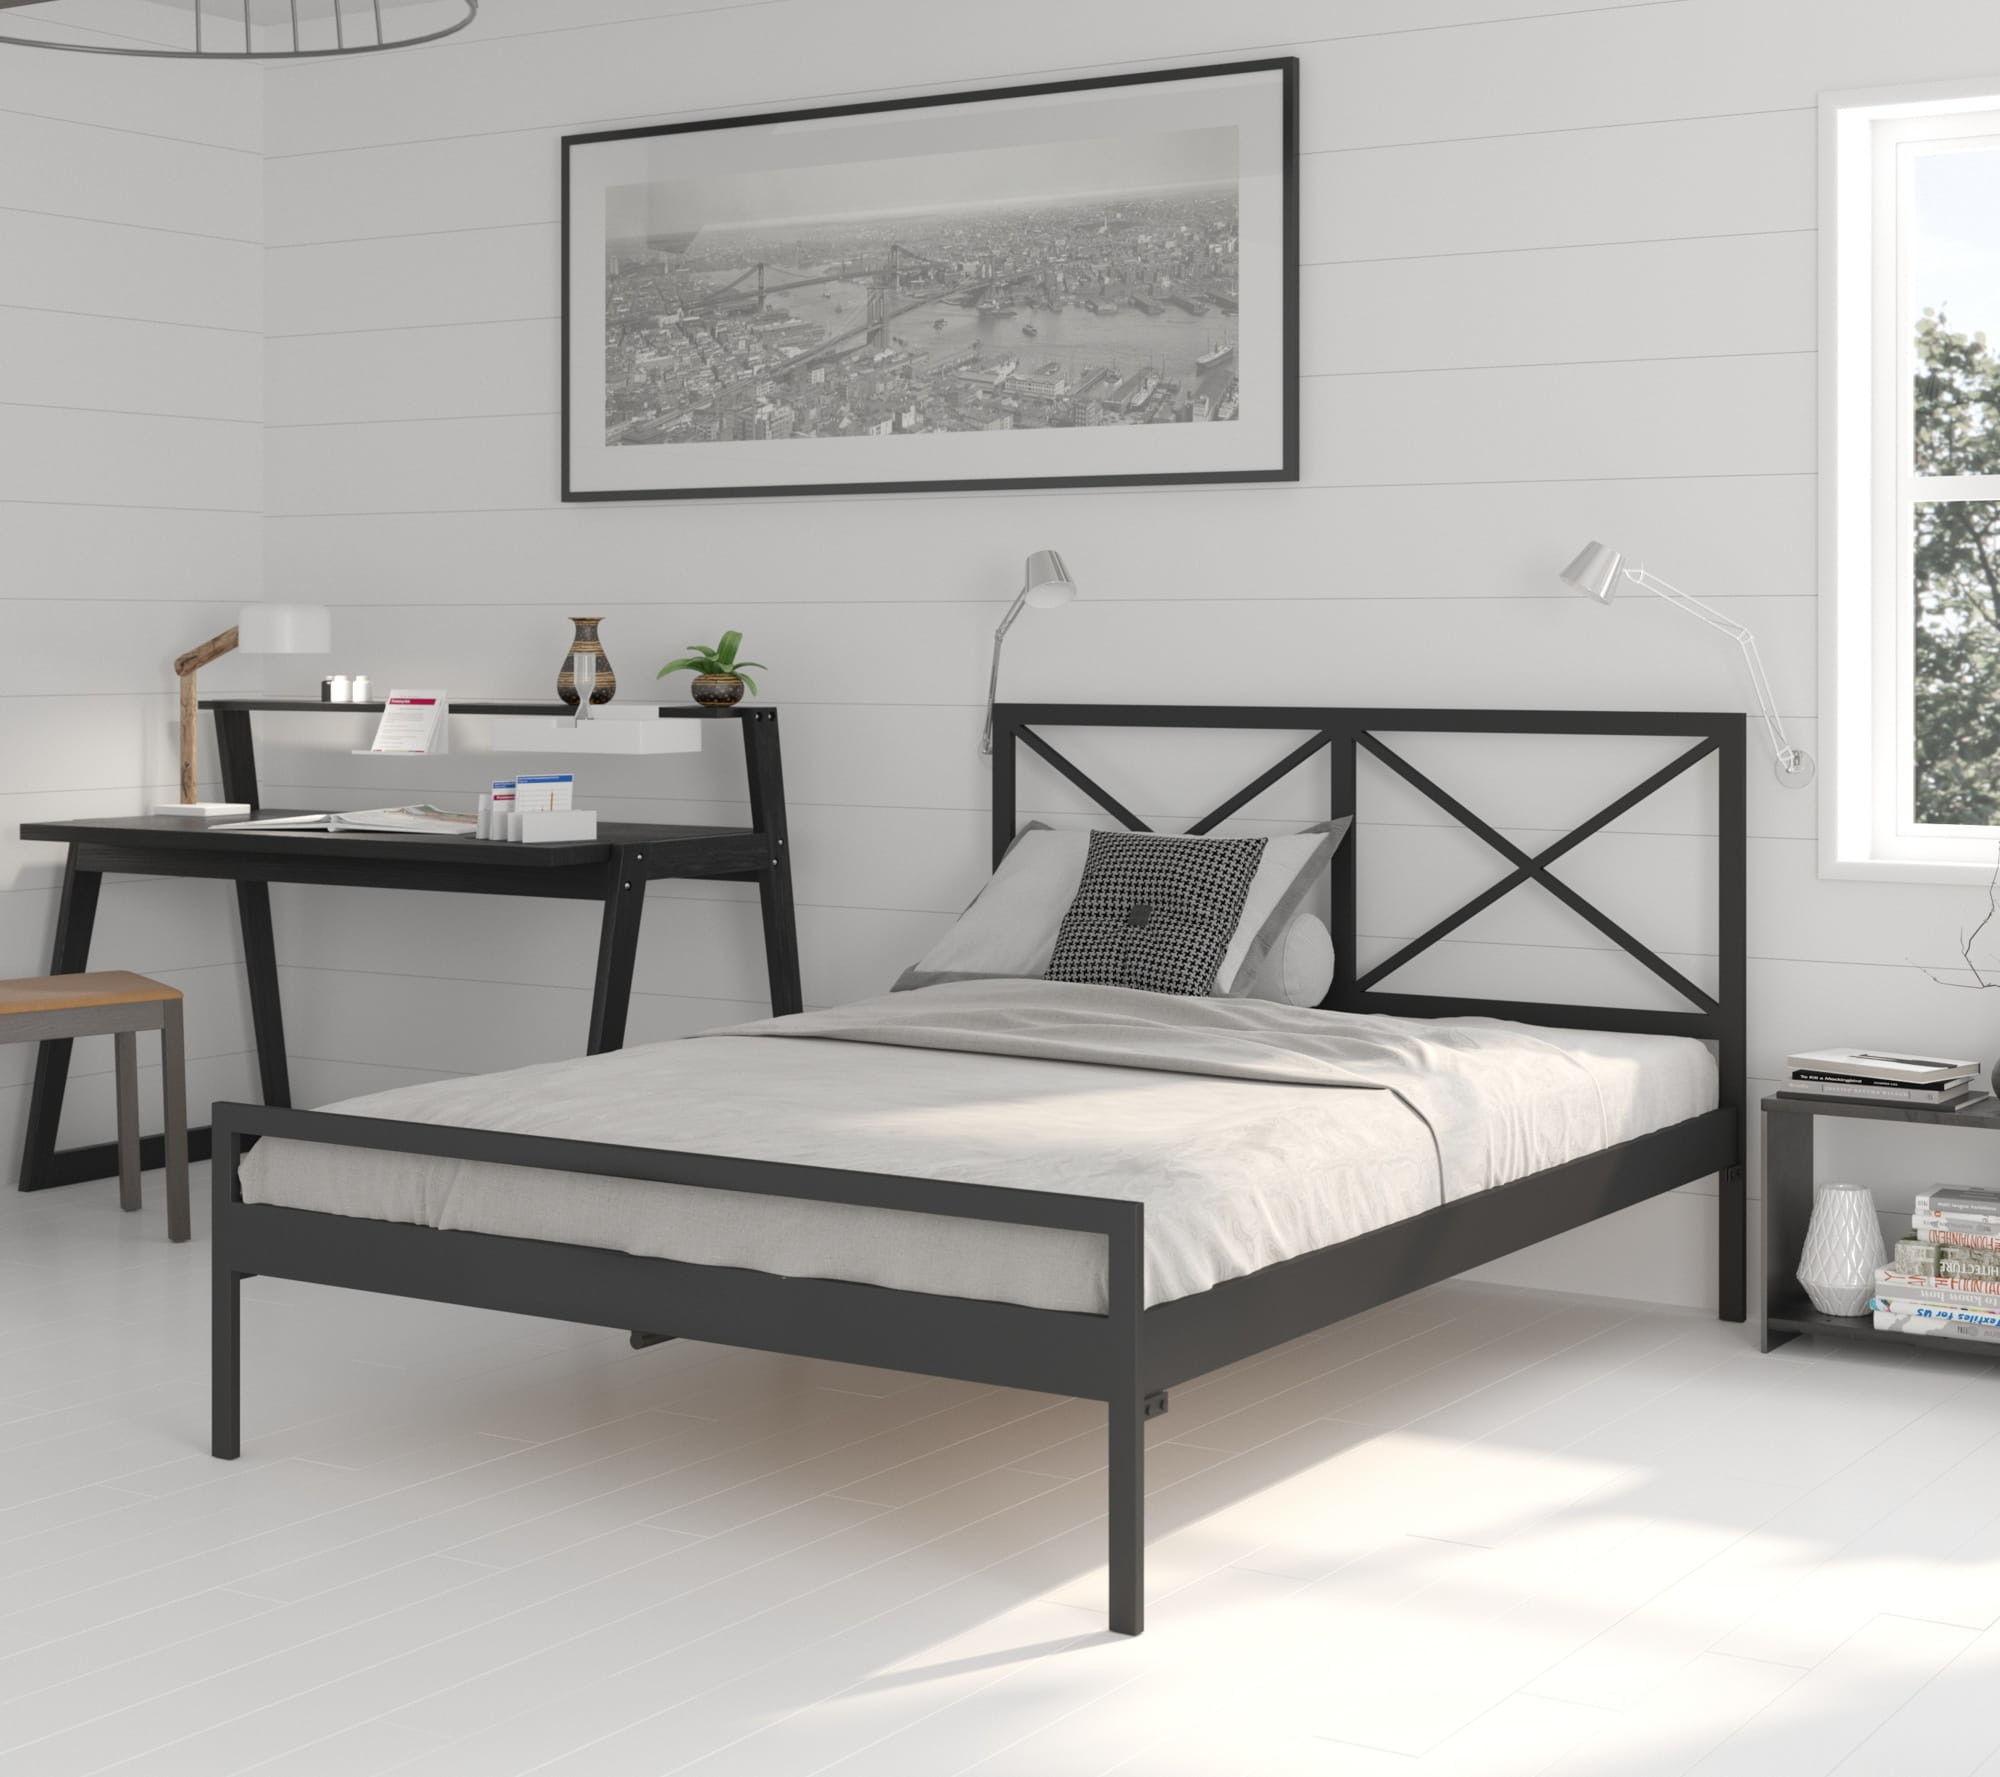 Łóżko metalowe dwuosobowe 140 x 200 wzór 38 ze stelażem